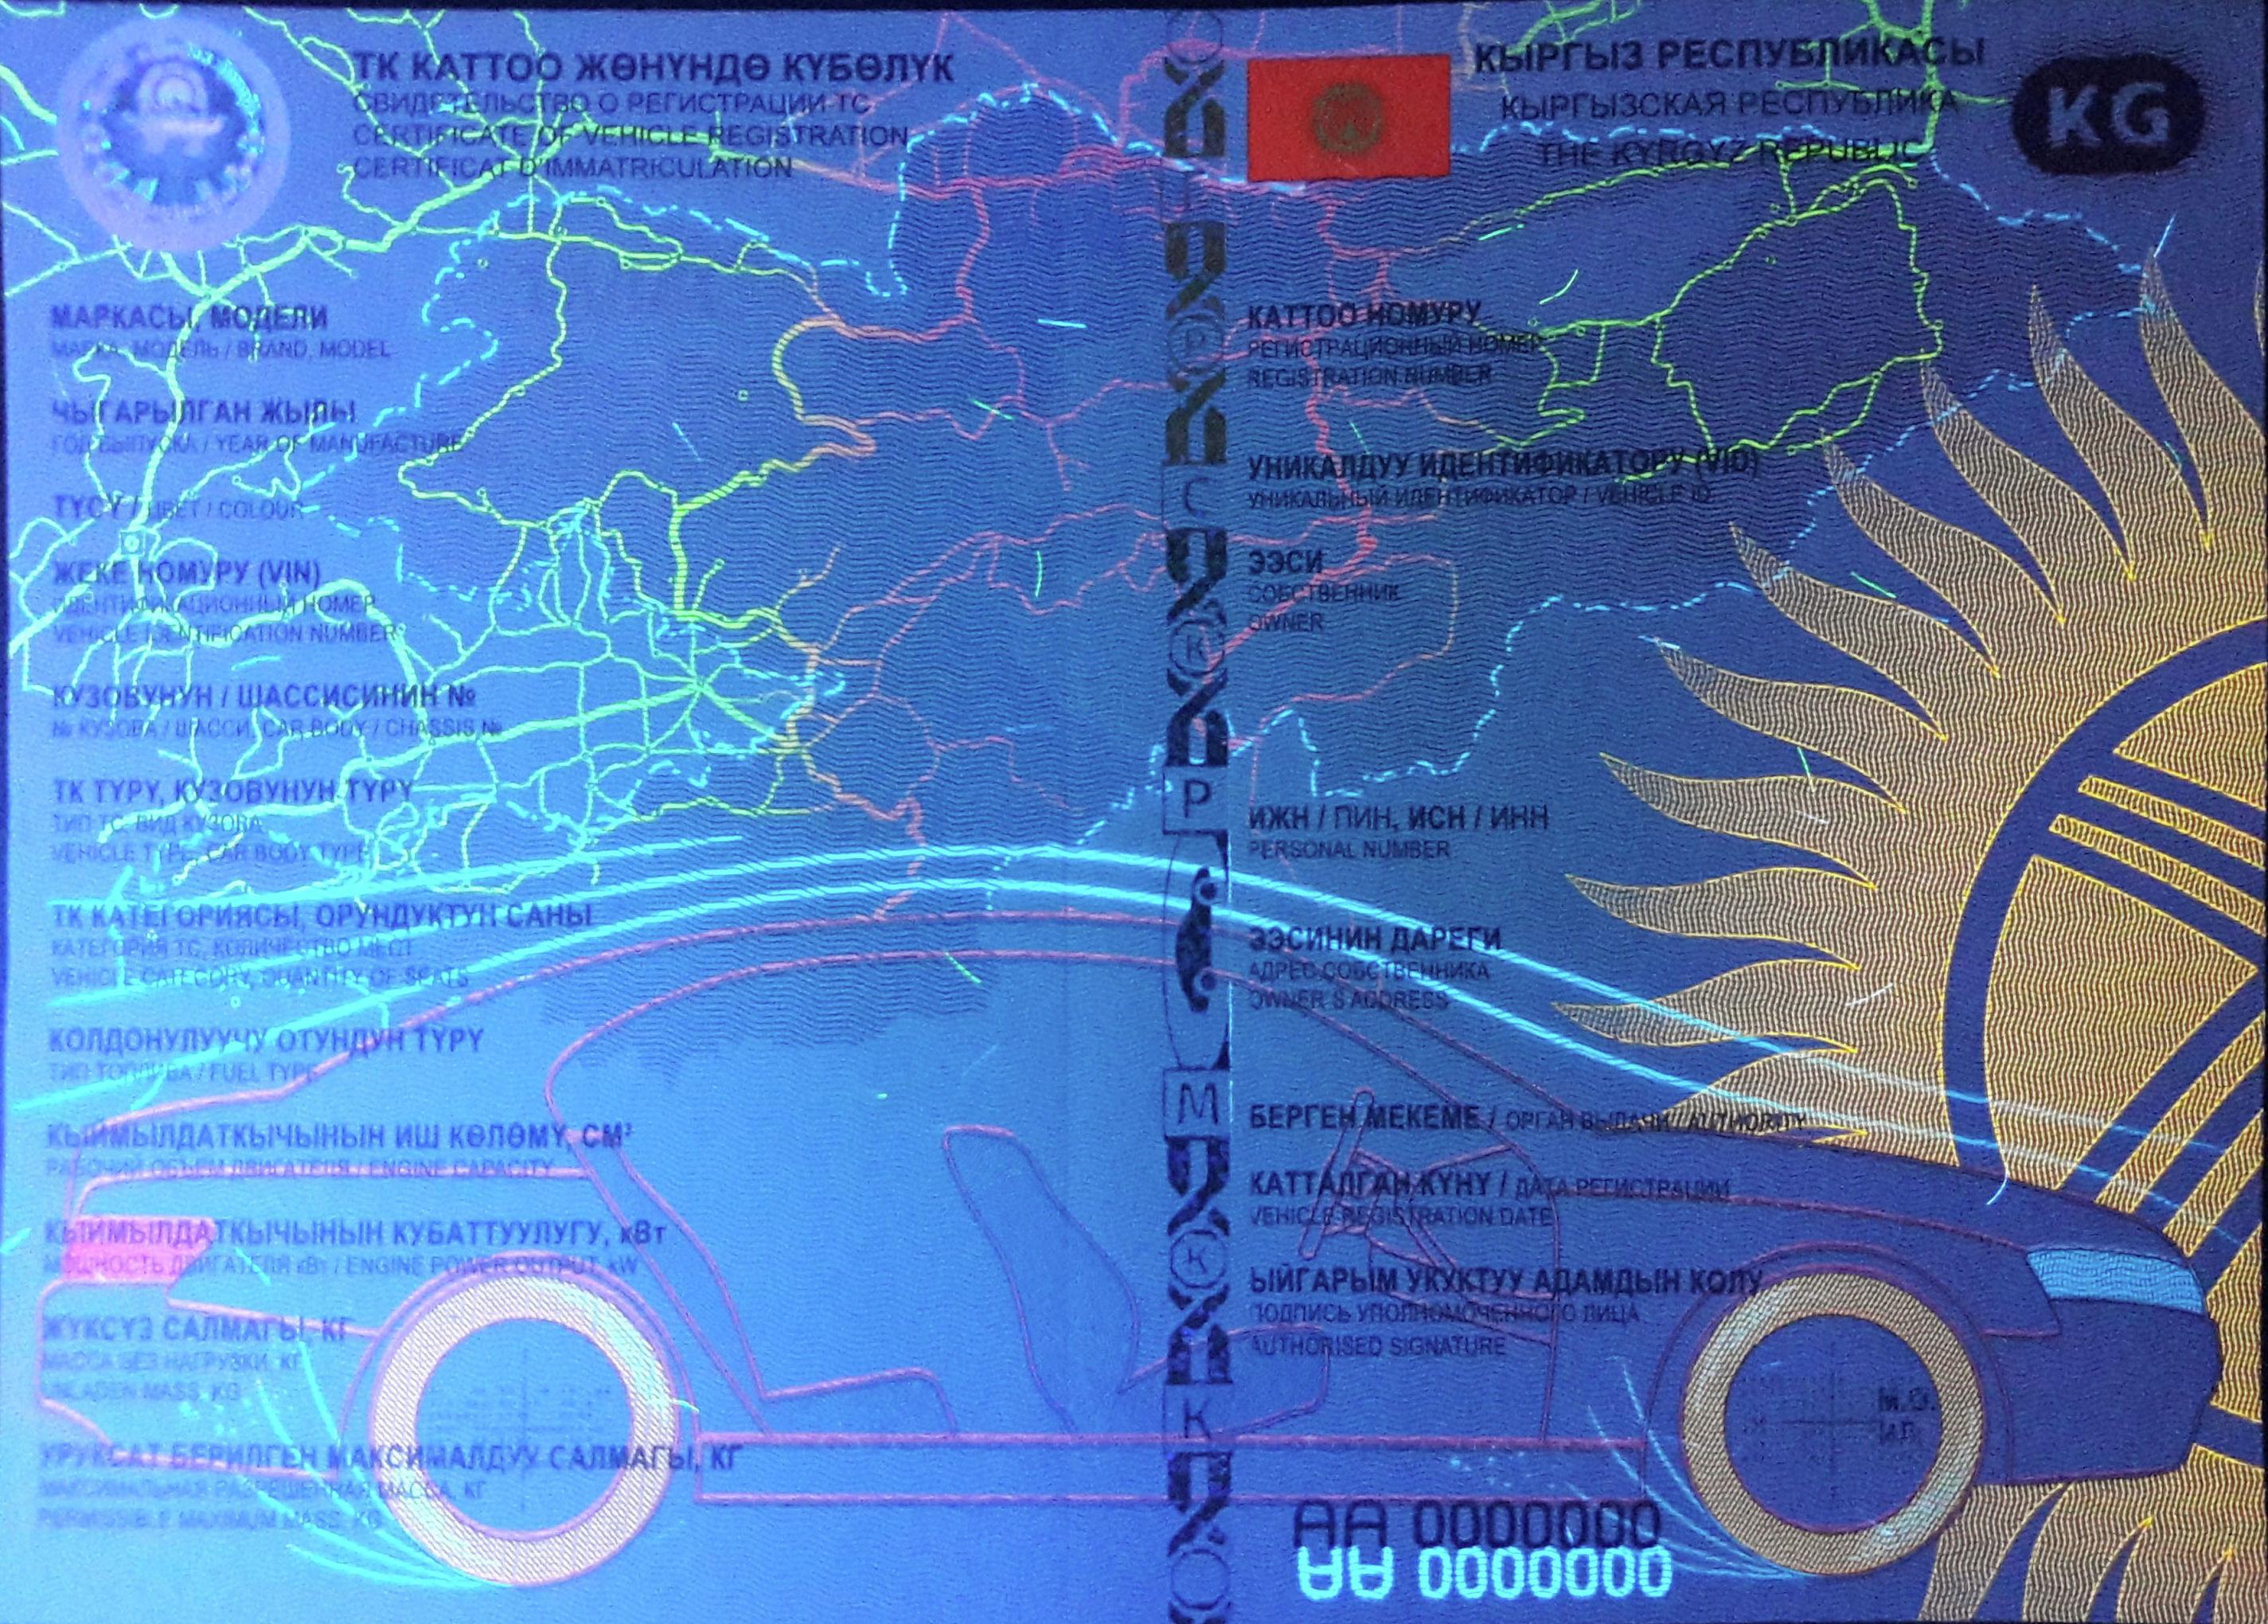 В Государственной регистрационной службе показали эскизы свидетельств о регистрации транспортных средств нового образца